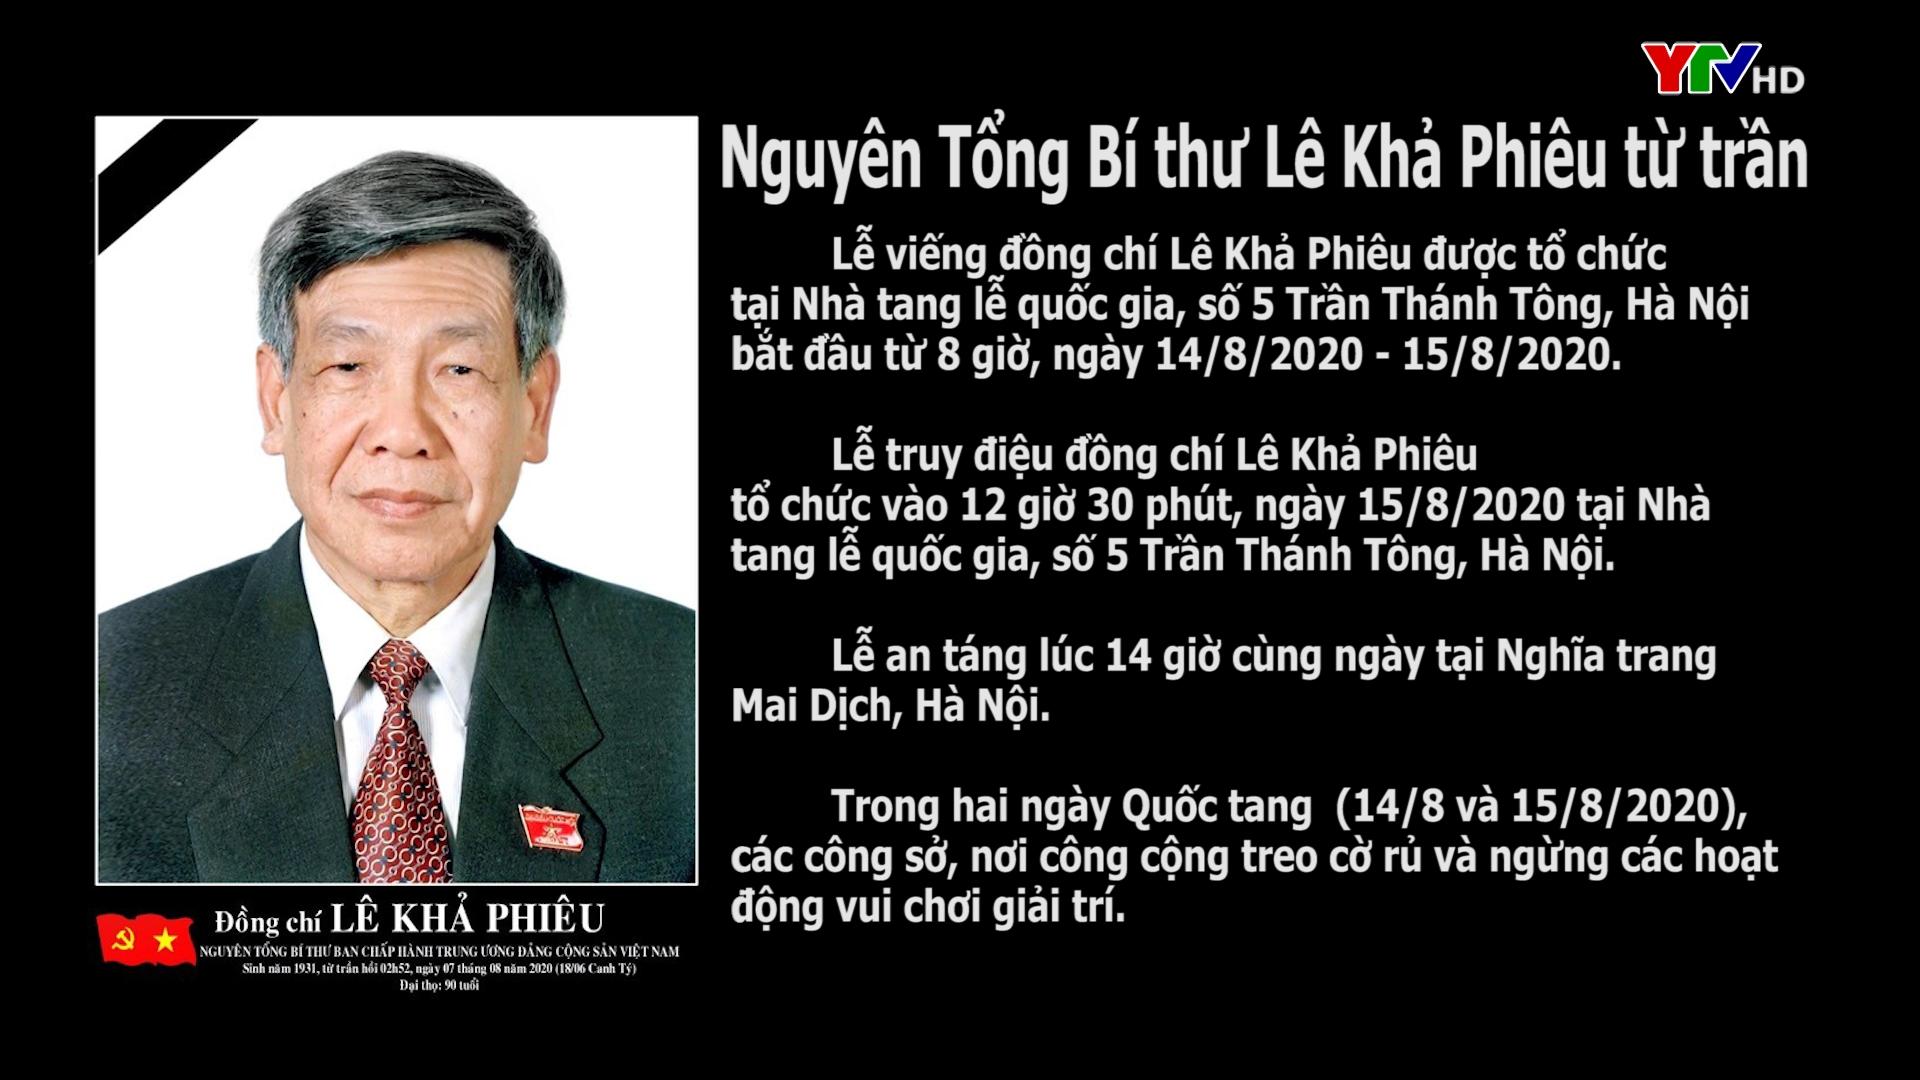 Tang lễ đồng chí Lê Khả Phiêu được tổ chức theo nghi thức Quốc tang vào ngày 14 và 15/8/2020